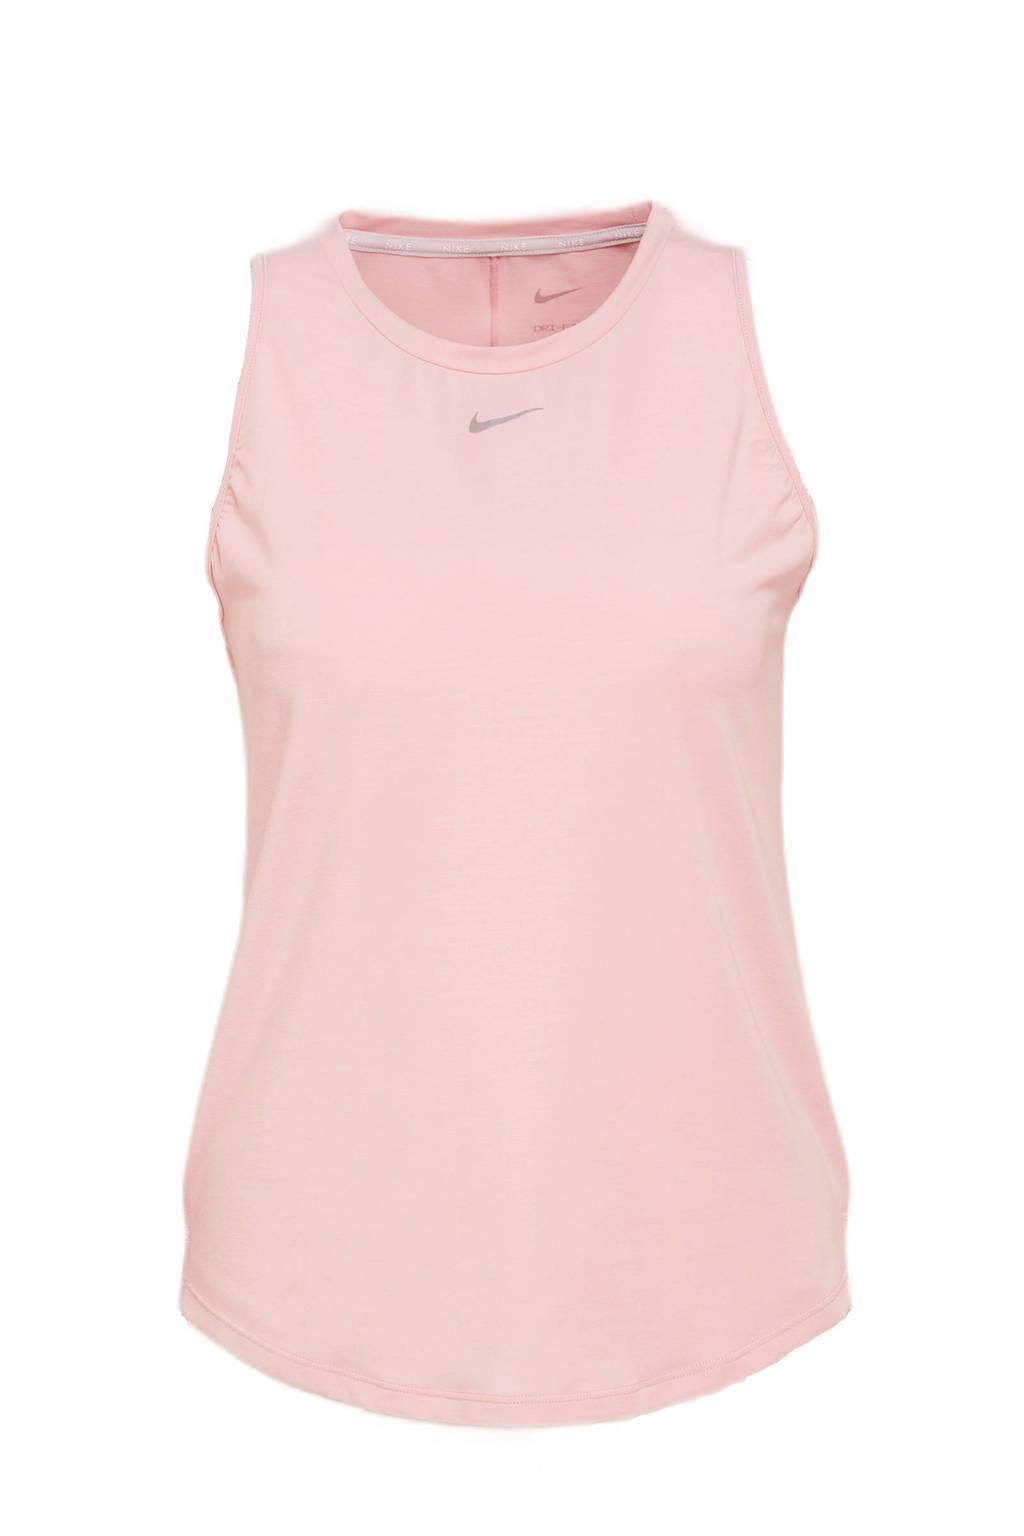 Nike sporttop roze, Roze